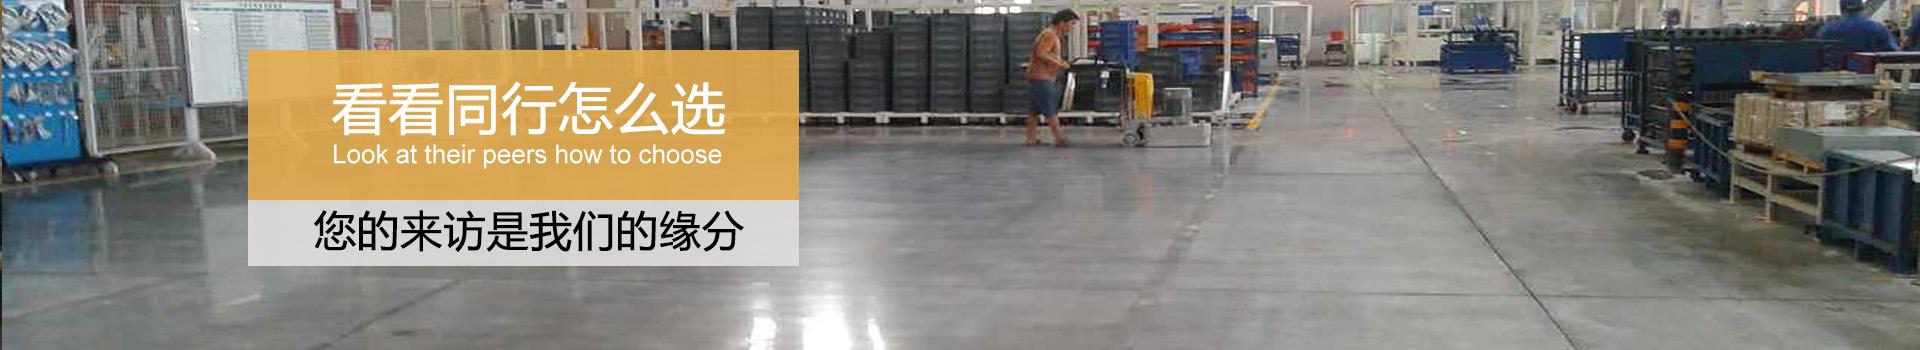 固化剂地坪,硬化地坪,地卫士地坪,佛山固化剂地坪,厂房固化剂地坪,车间硬化地坪